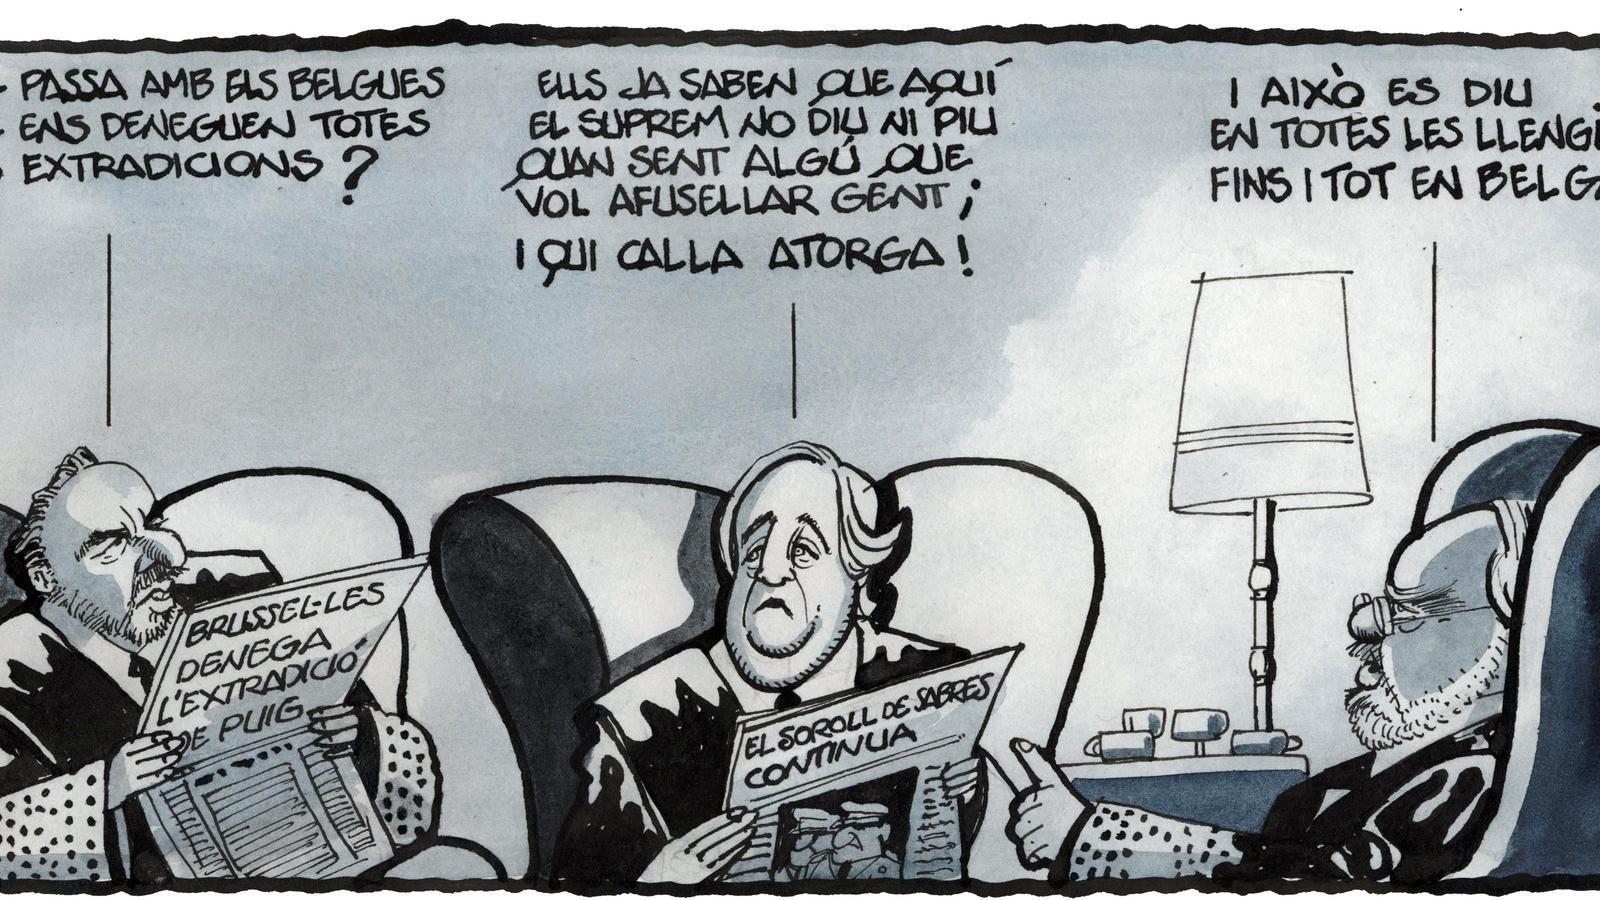 'A la contra', per Ferreres 10/01/2021